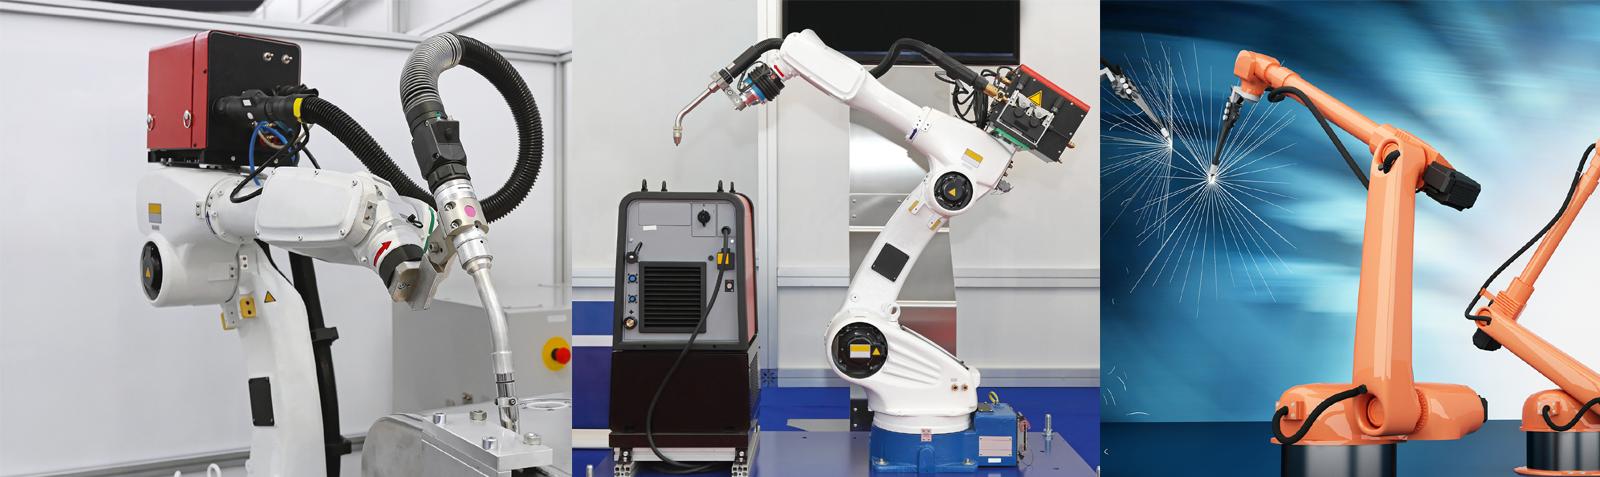 robot welding services Ontario Canada